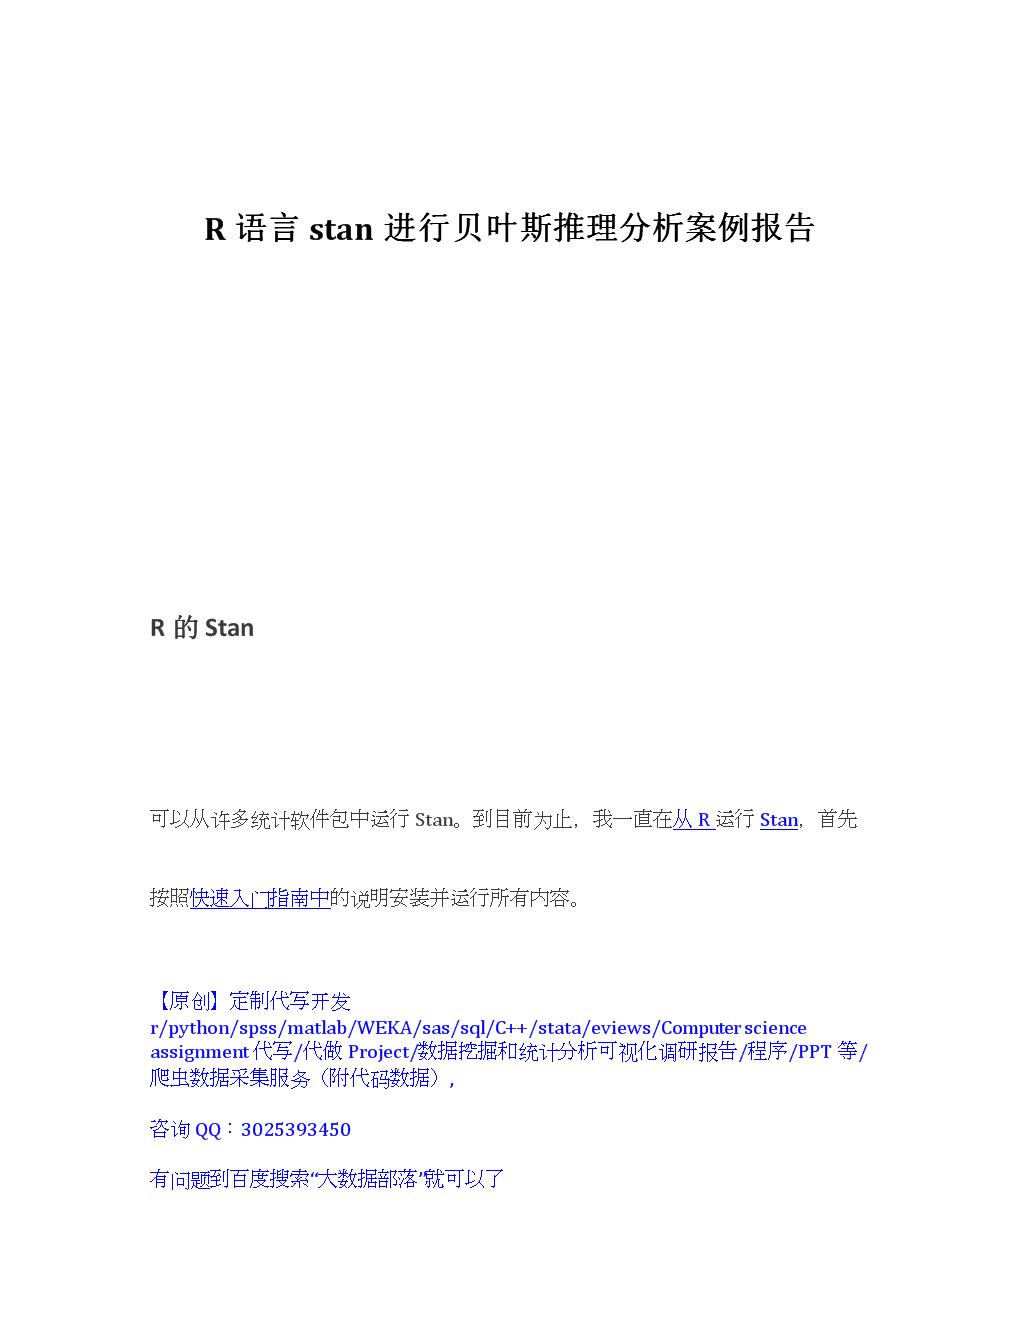 【原創】R語言代寫 stan進行貝葉斯推理數據分析報告 (附代碼數據).docx